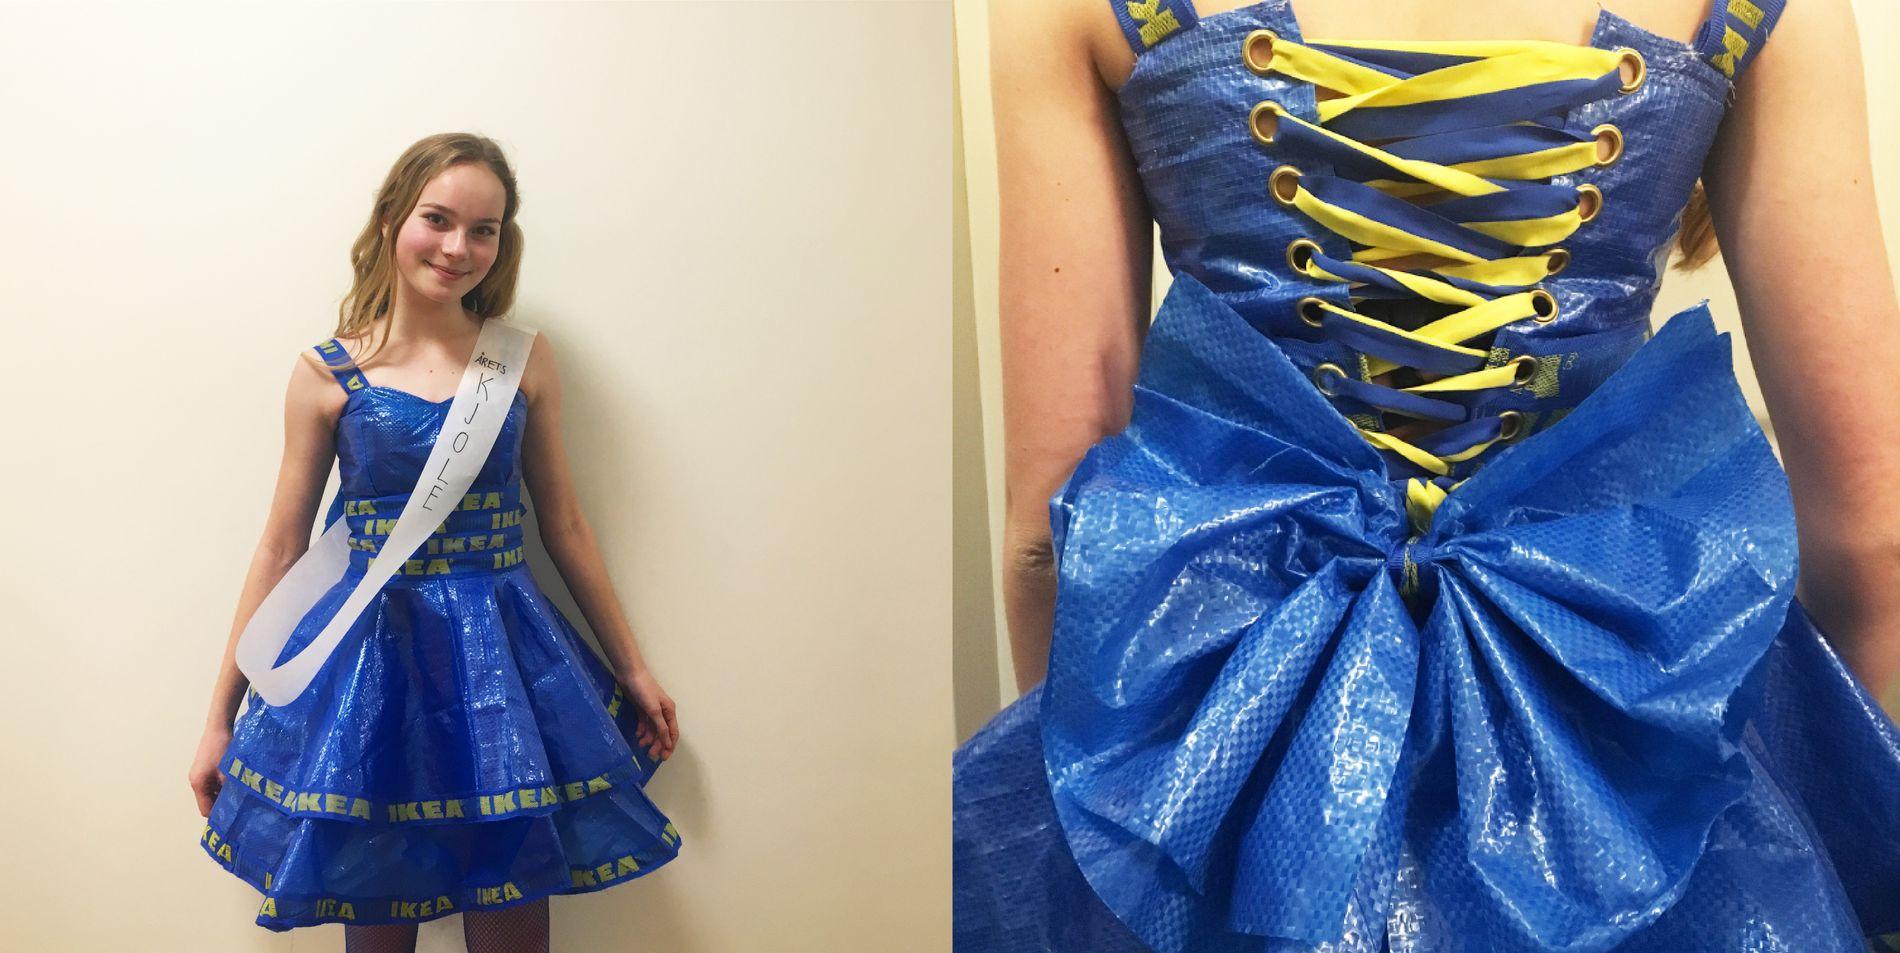 «ÅRETS KJOLE»: Amalie Driverklepp elsker å sy og sydde sin egen ballkjole av Ikea-poser. Kjolen ble kåret til «årets kjole» på skolens nyttårsball.